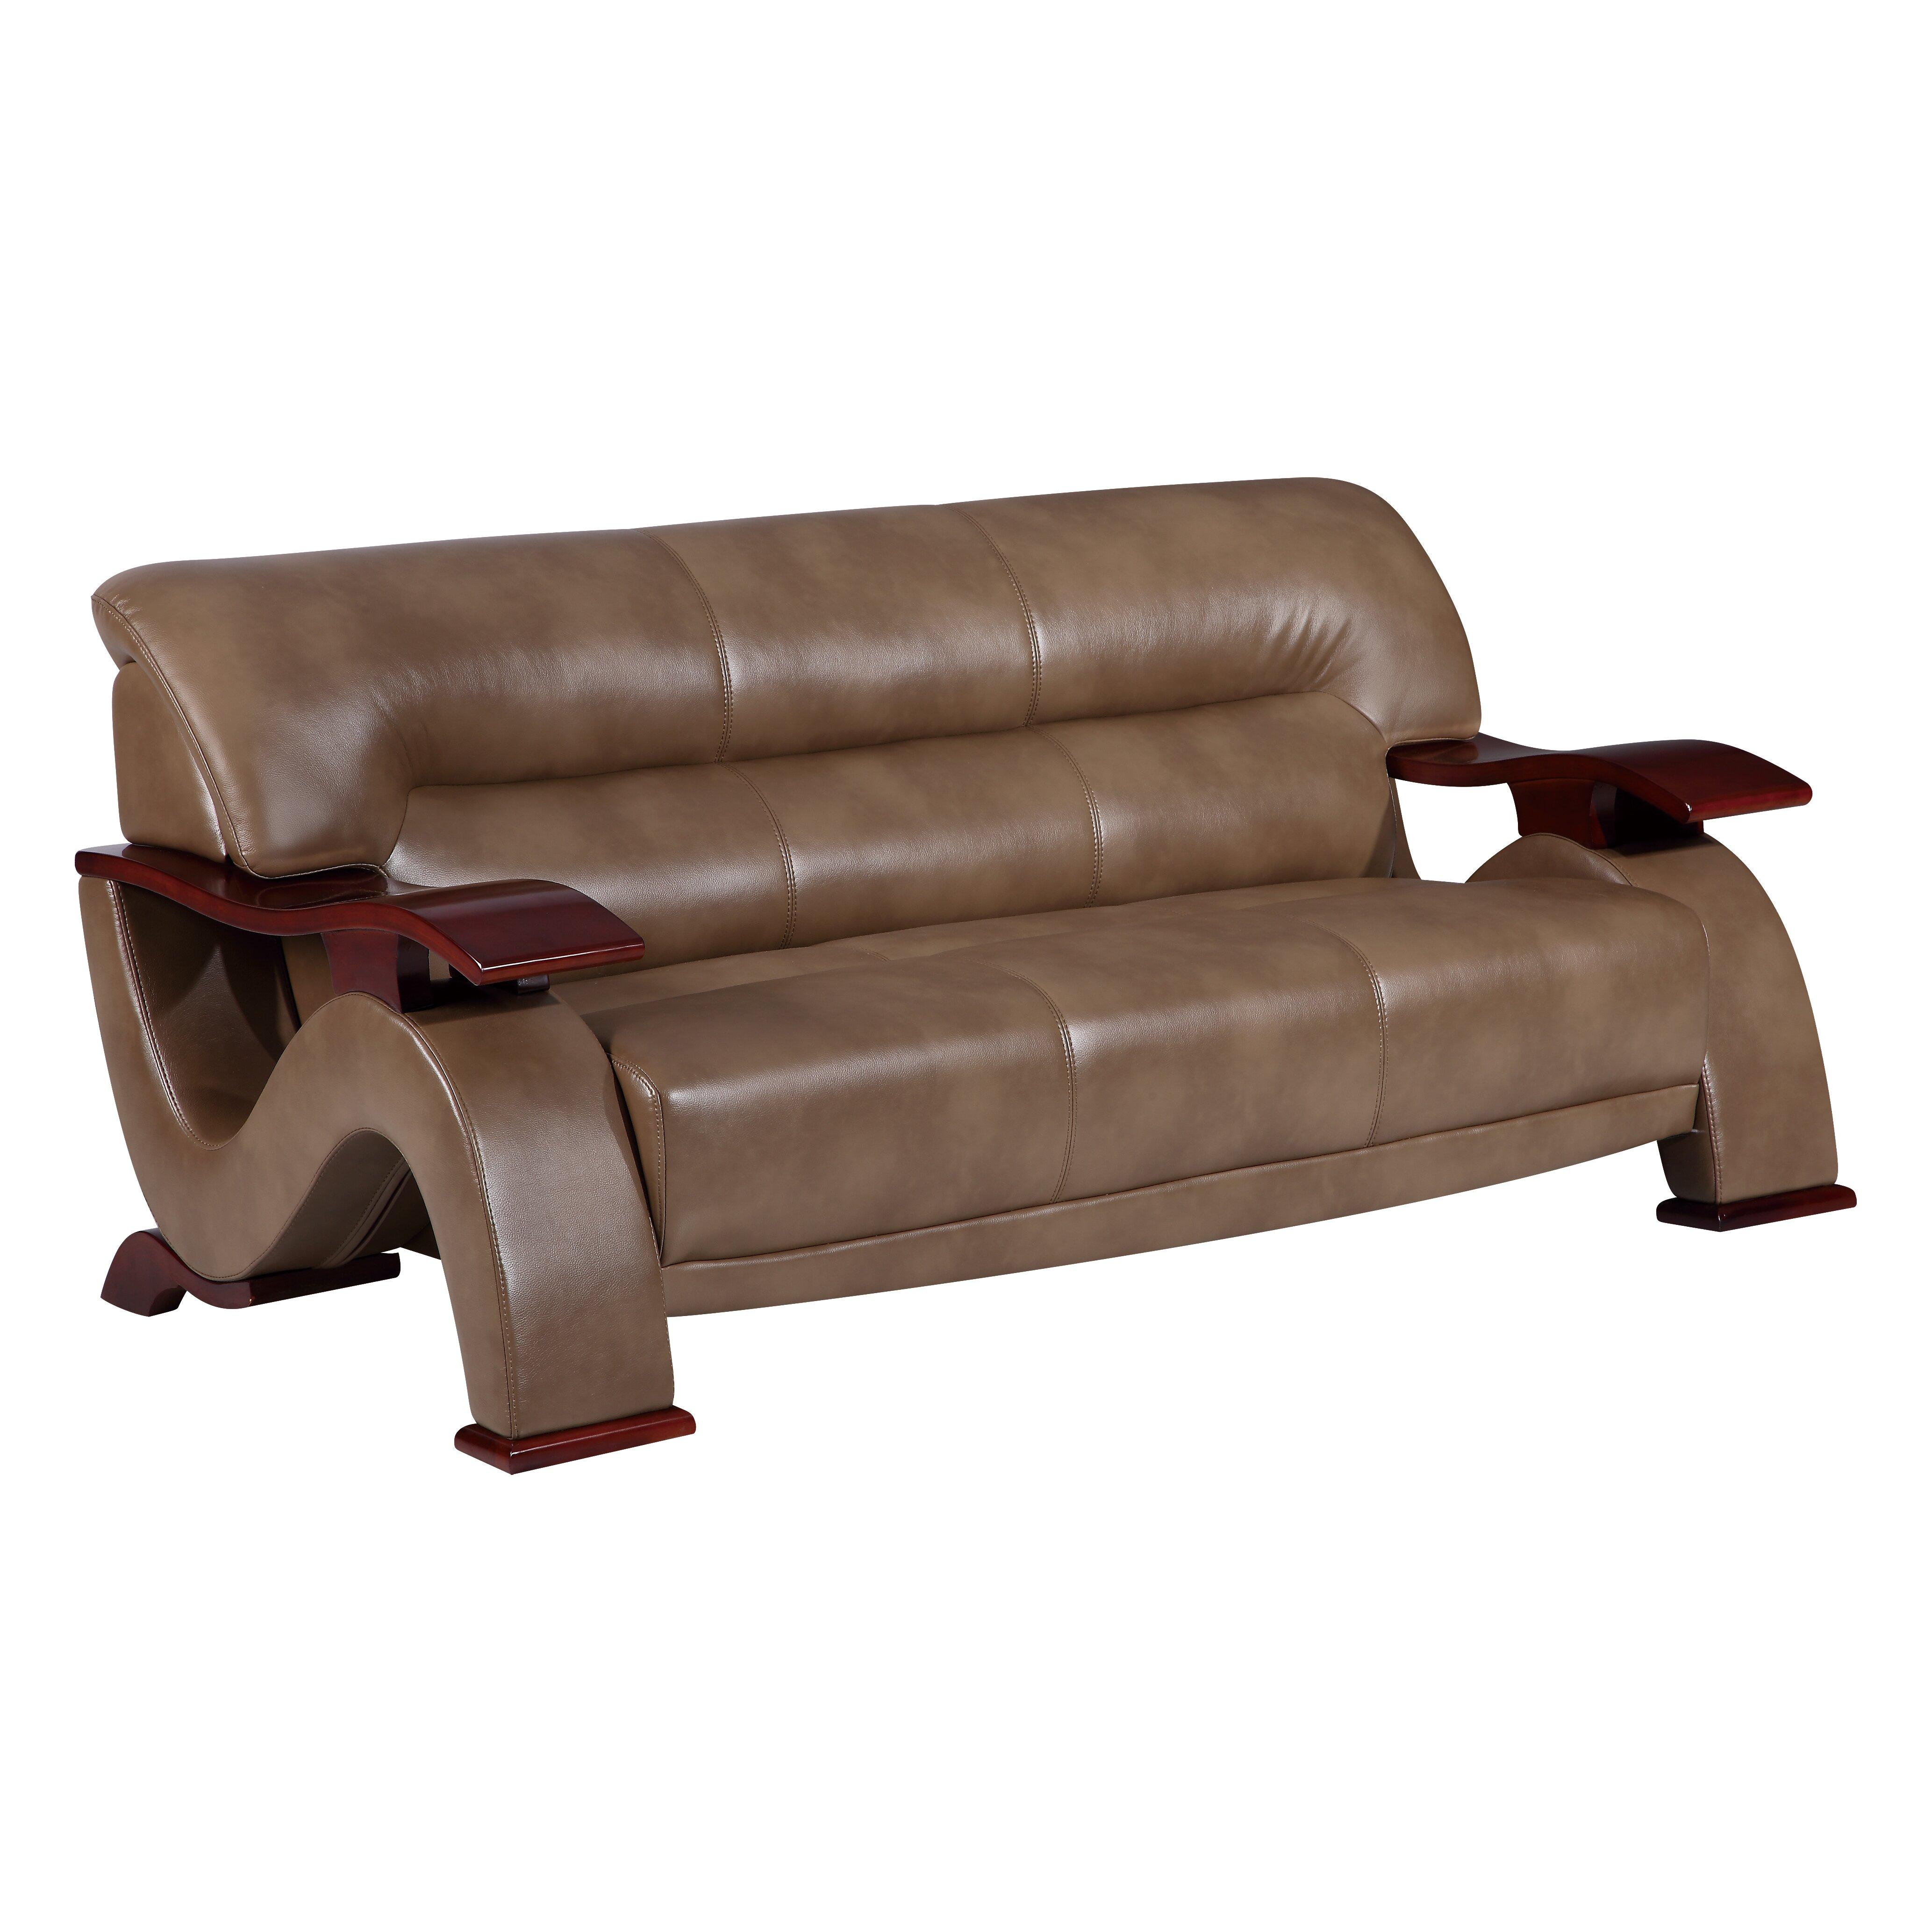 Global furniture usa sofa reviews wayfair for Divan furniture usa